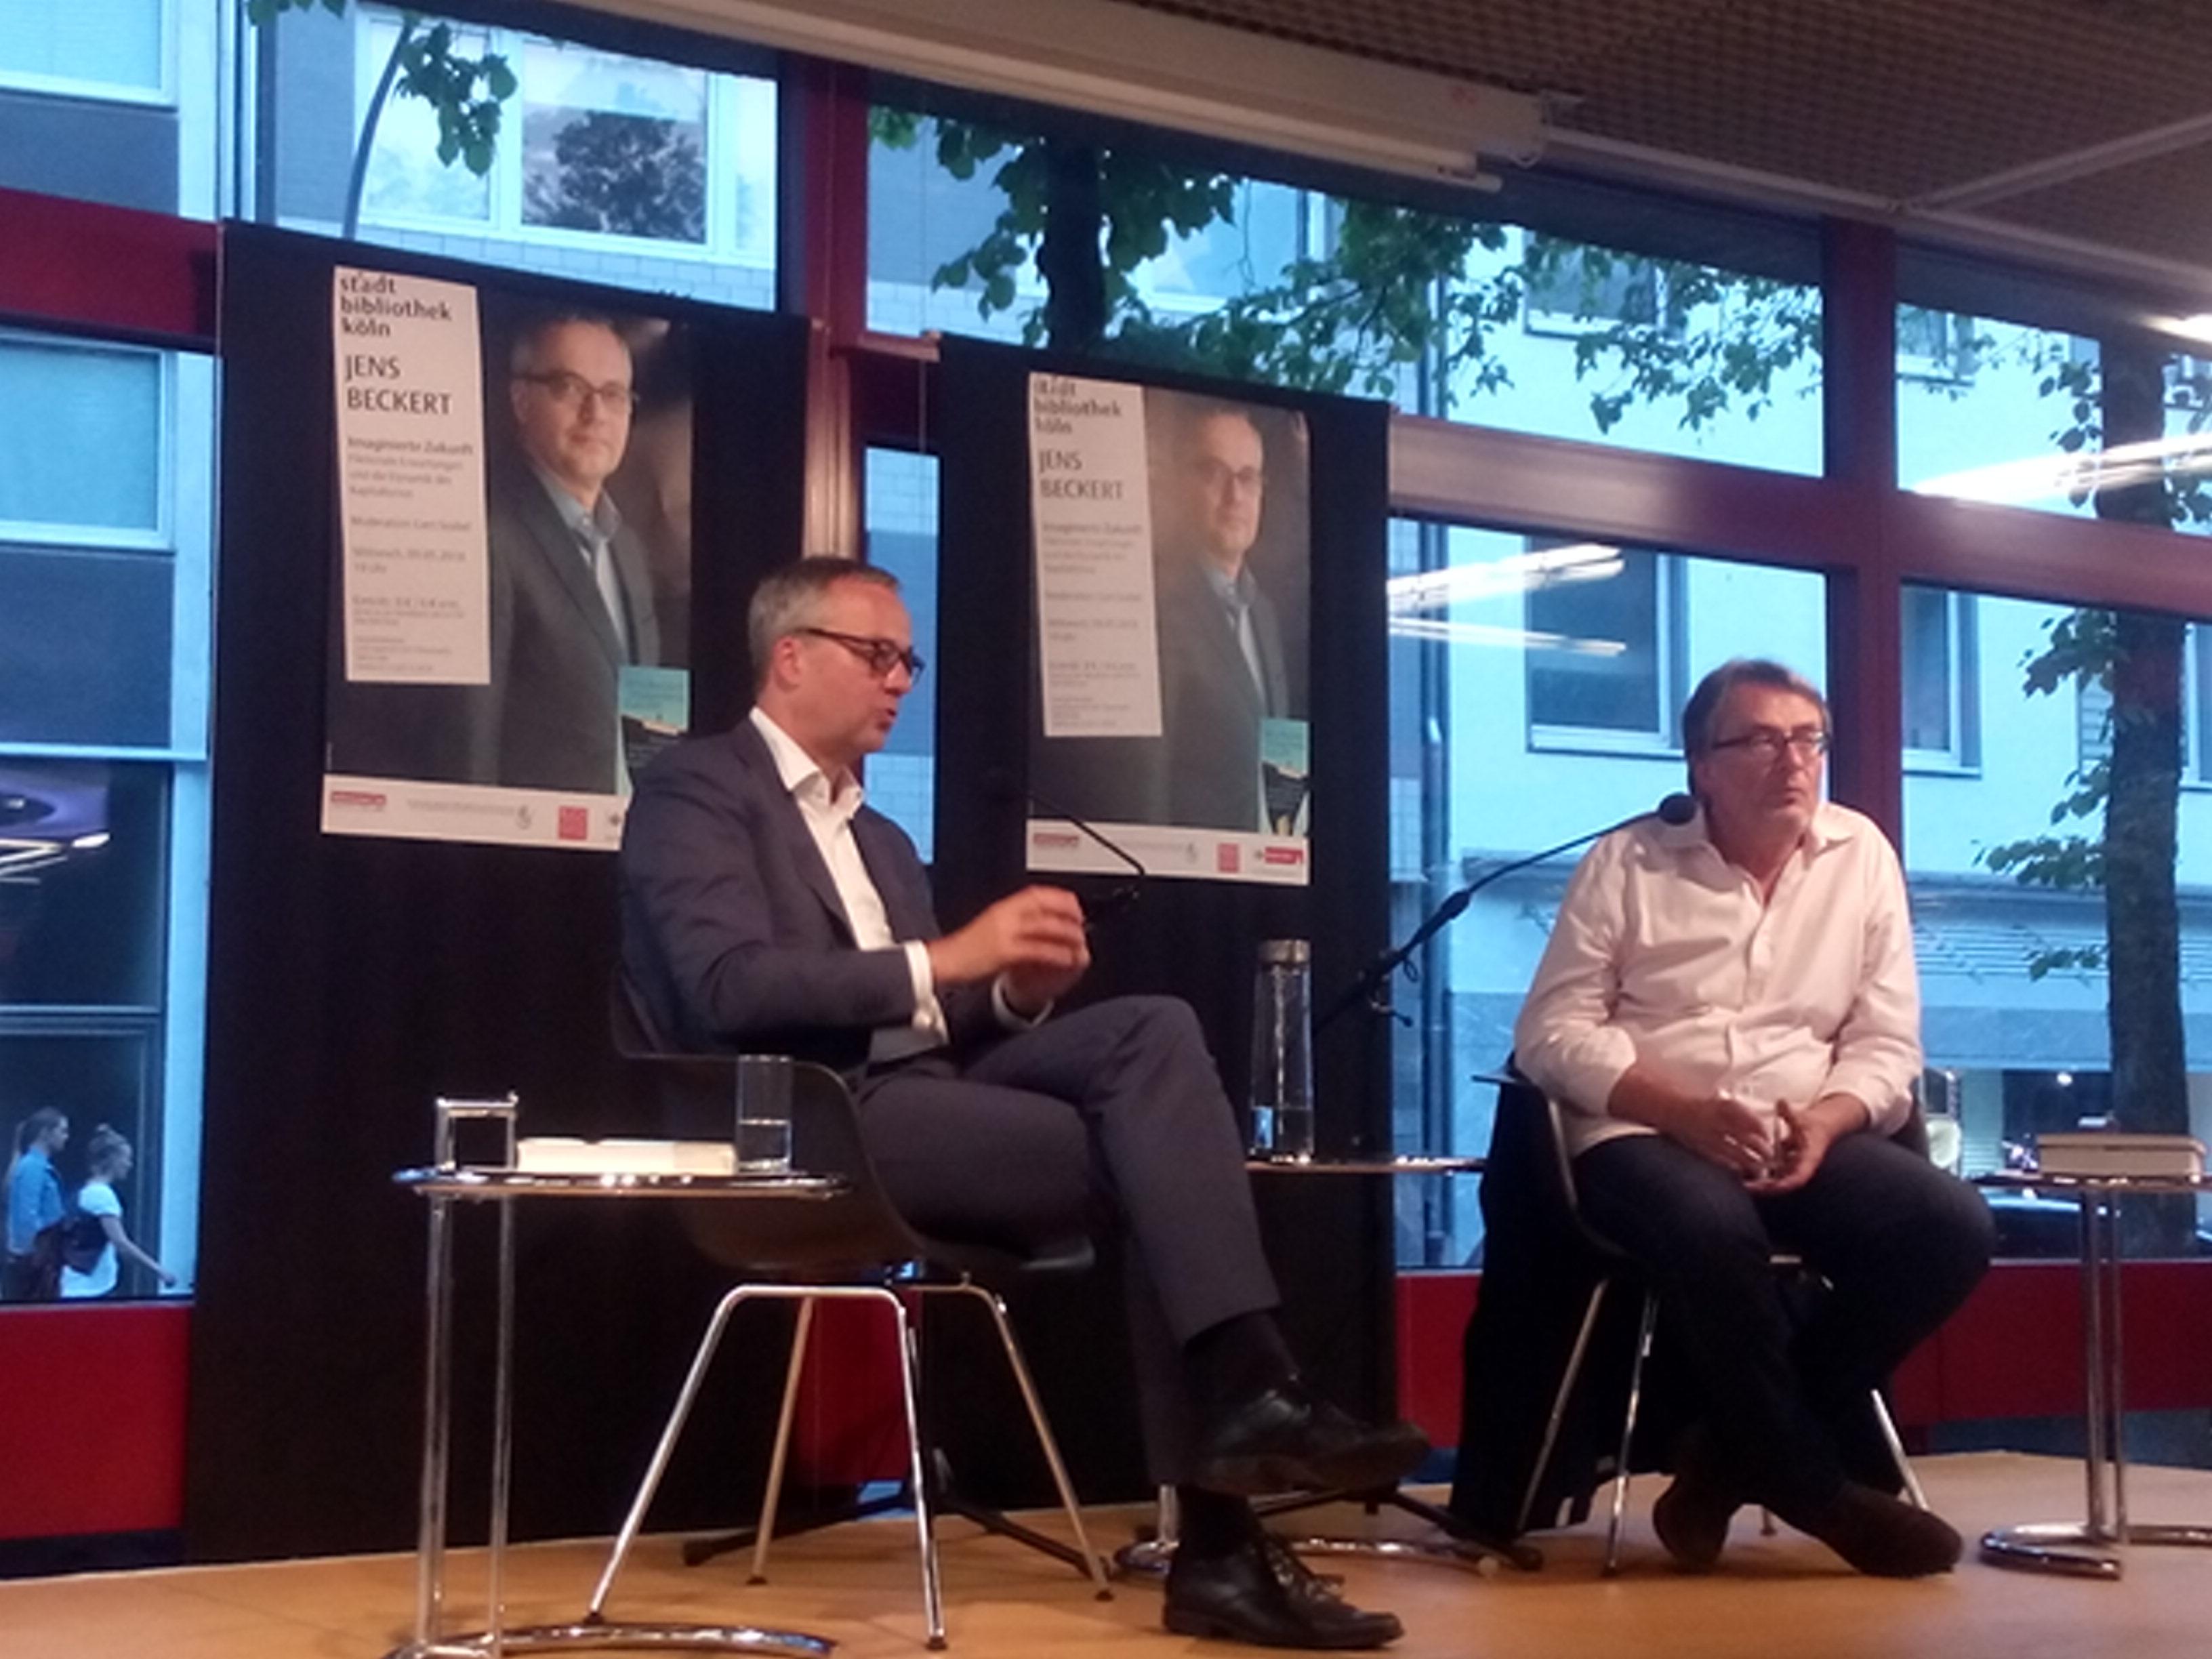 Jens Beckert und Gert Scobel im Gespräch mit dem Publikum